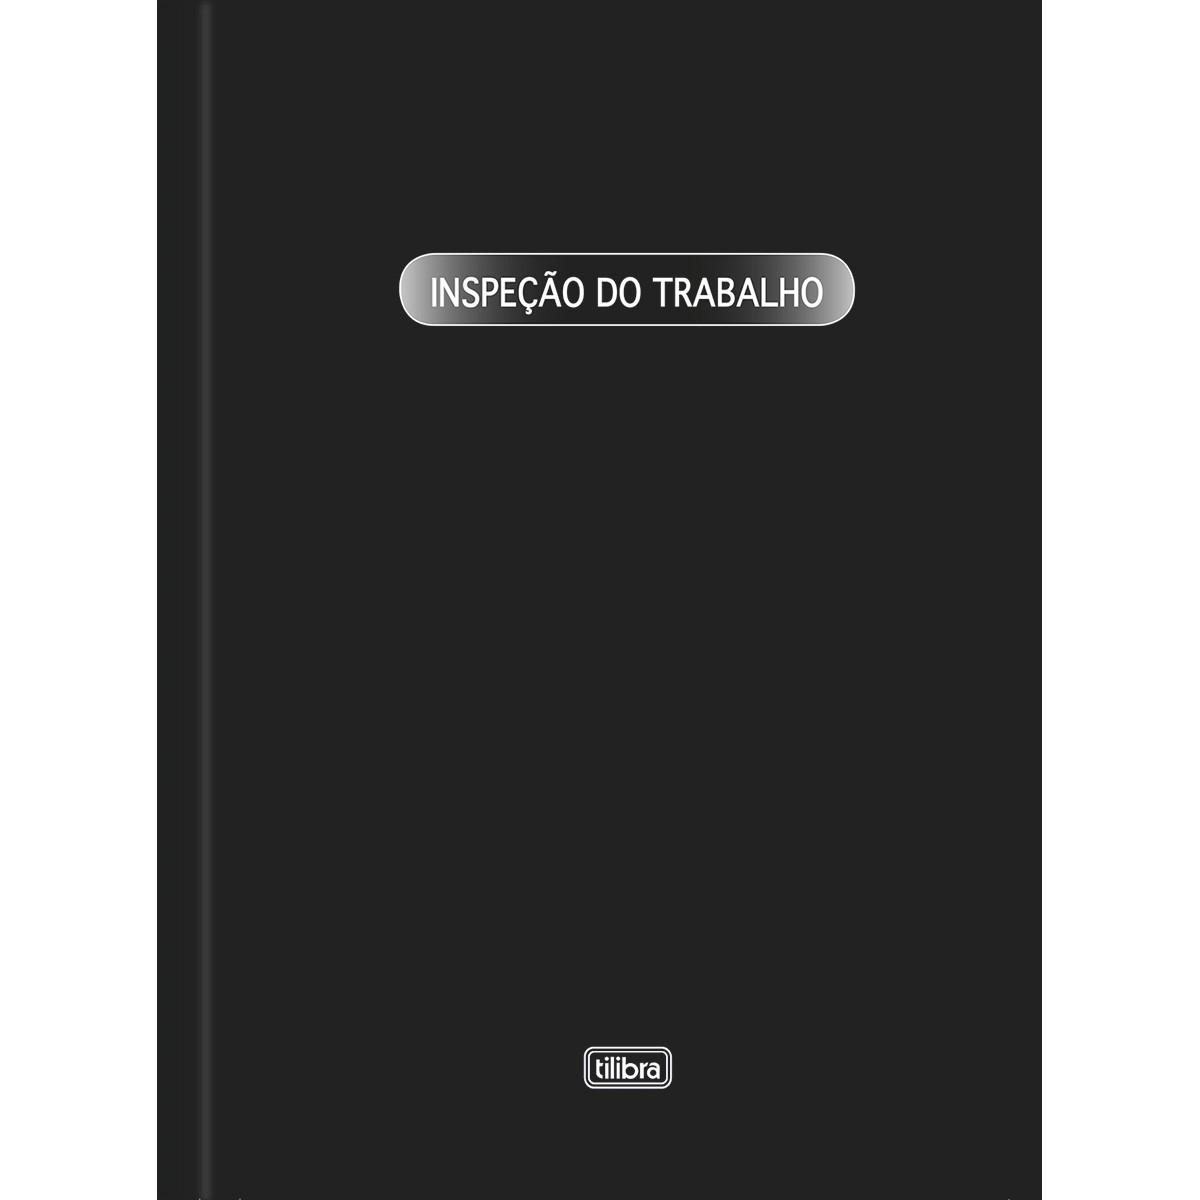 LIVRO INSPEÇÃO DO TRABALHO 50 FOLHAS - TILIBRA